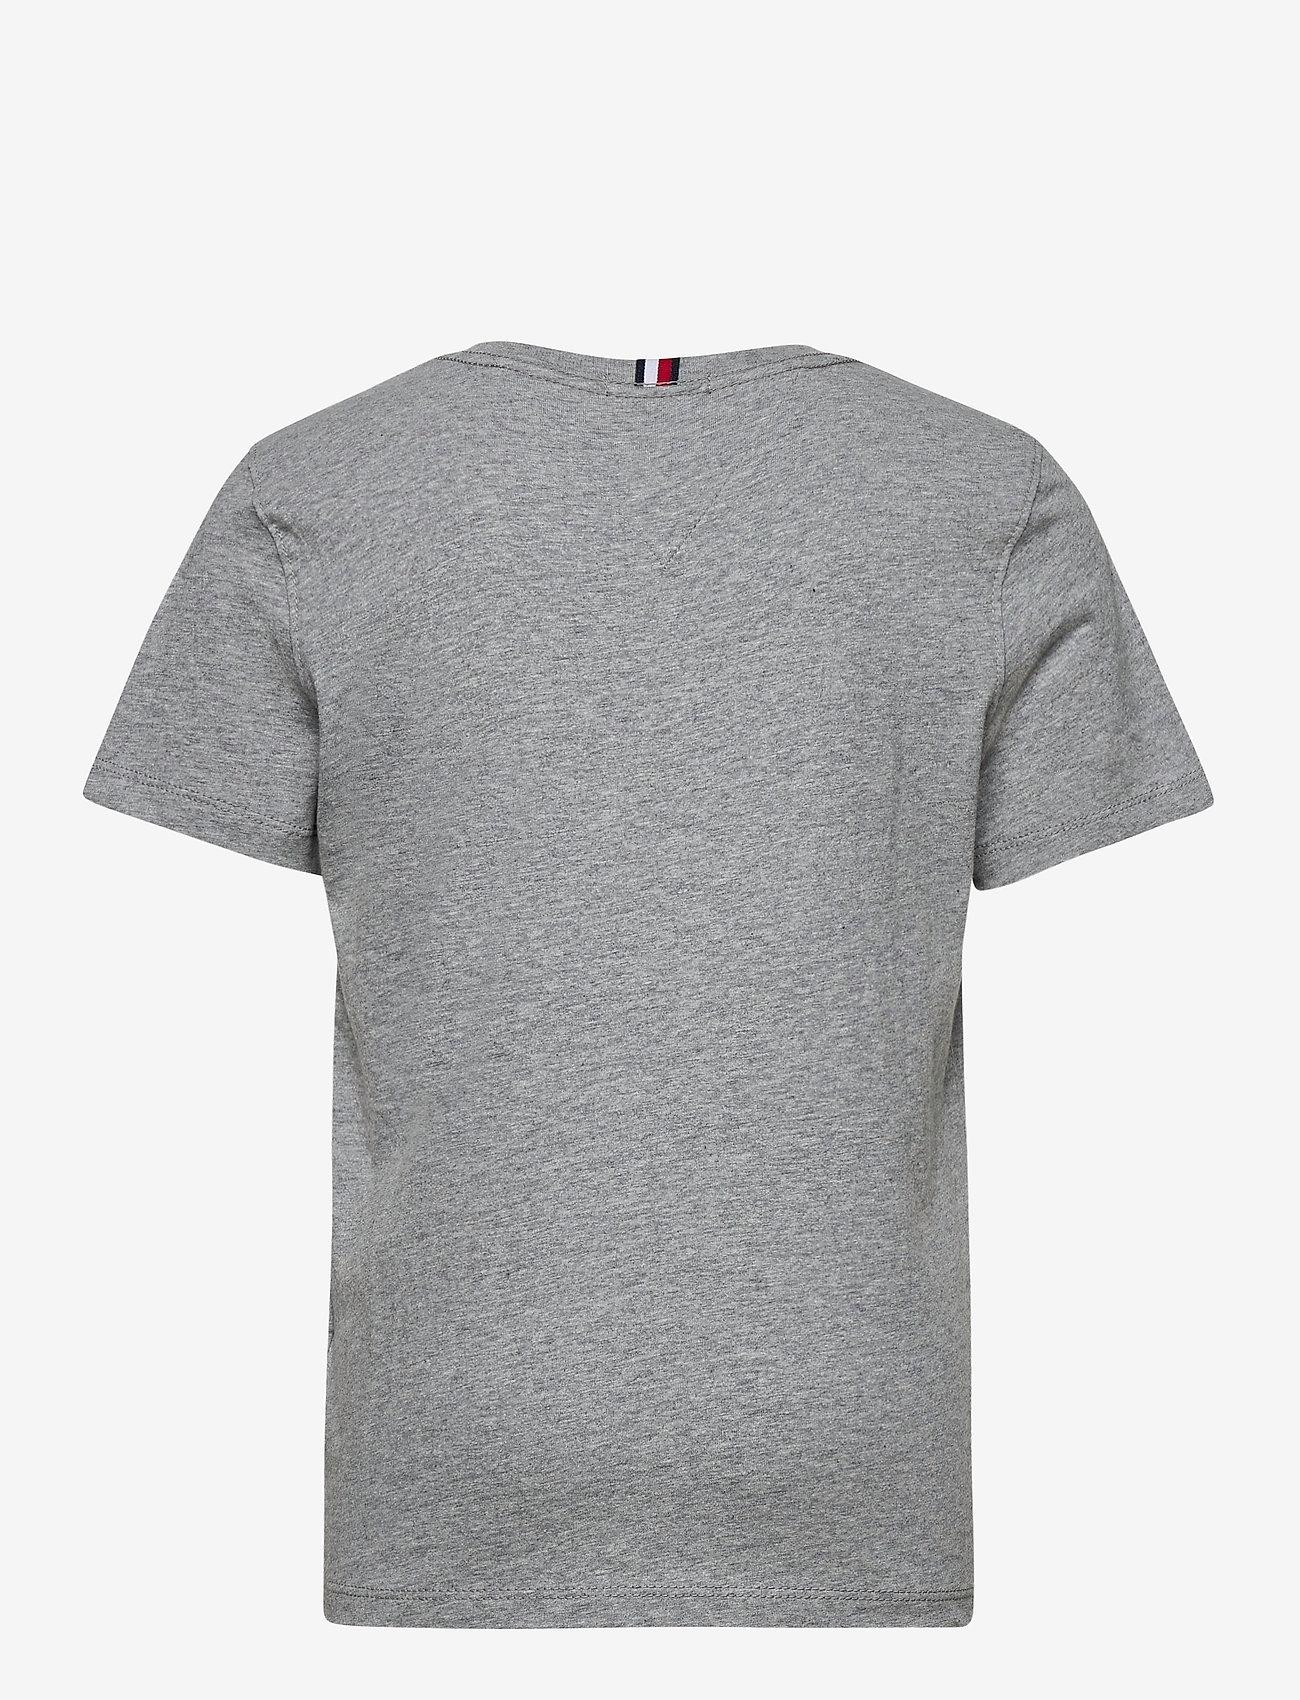 Tommy Hilfiger - U FLAG SMILE TEE S/S - short-sleeved - mid grey htr - 1